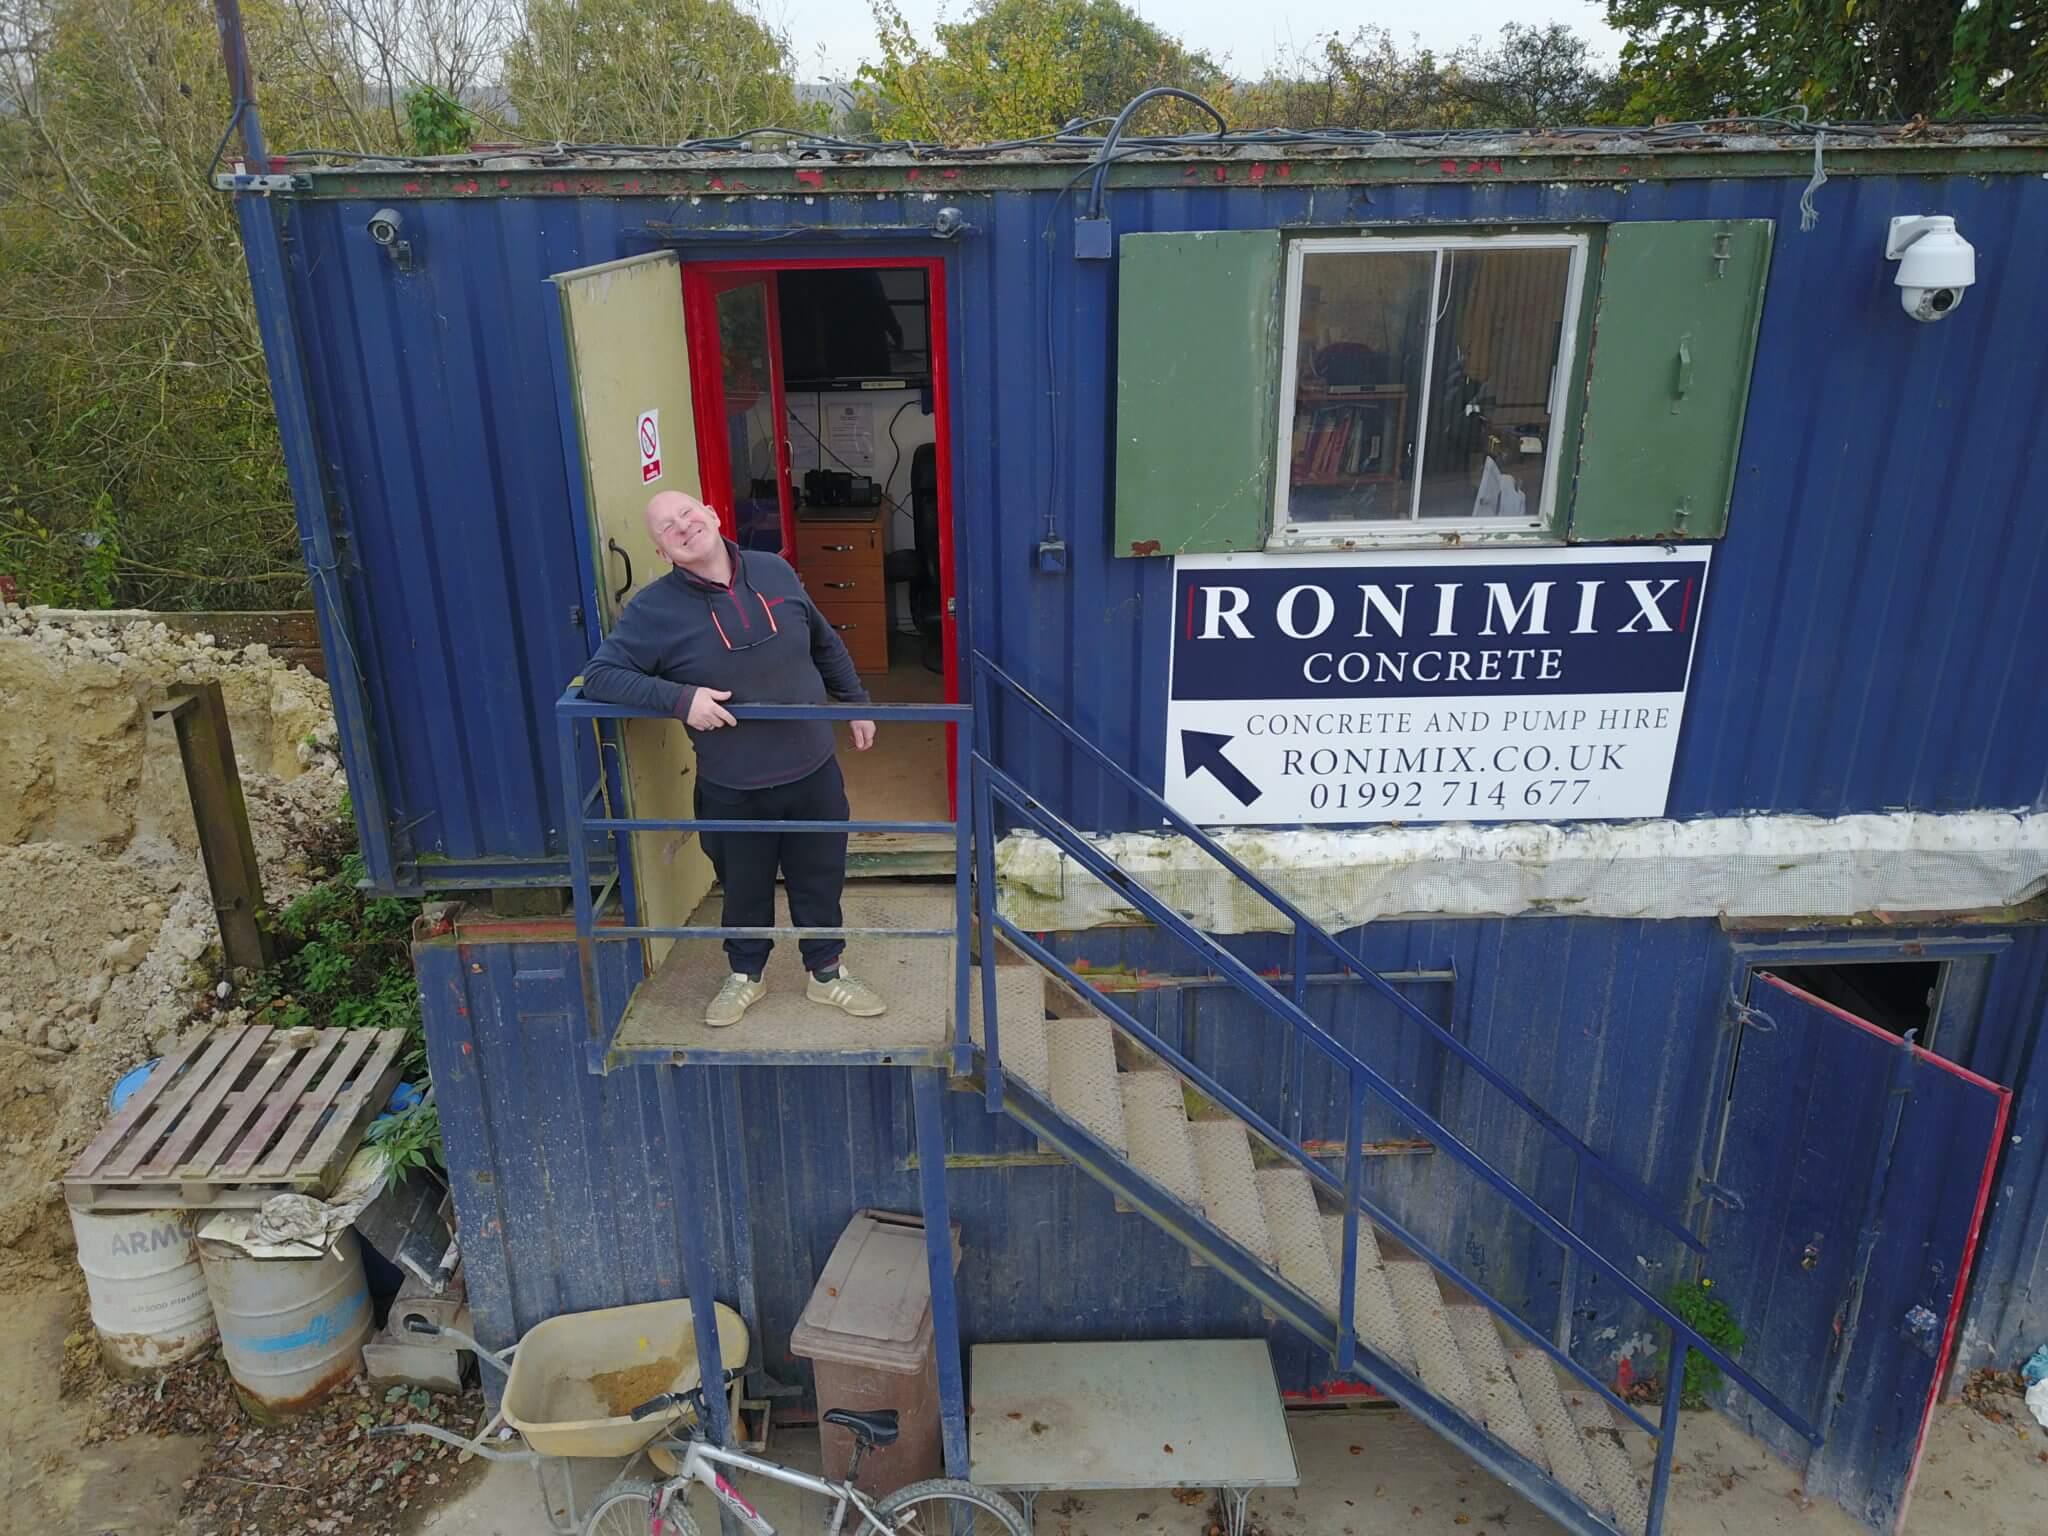 Ronimix concrete Paul Bradley smiling 2017